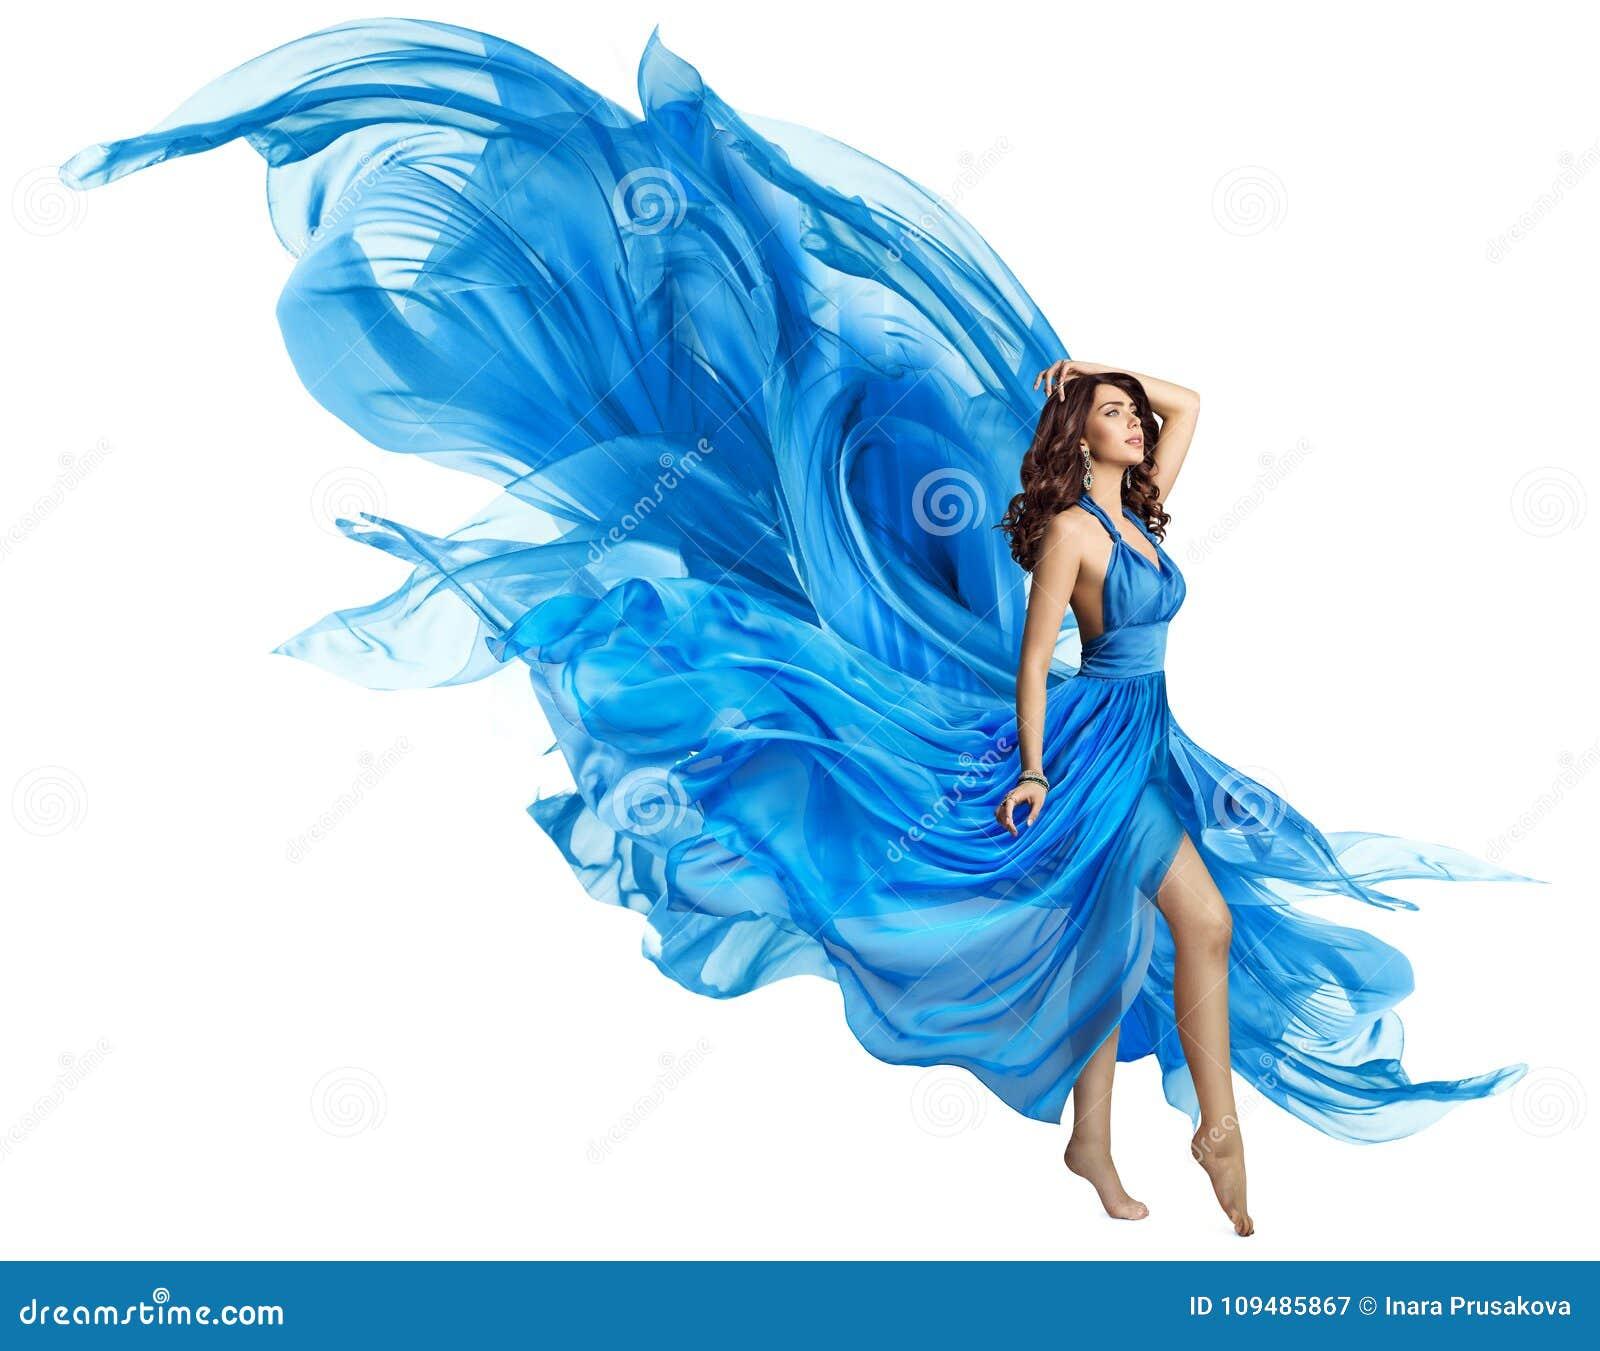 La mujer Flying Blue se viste, modelo de moda elegante Fluttering Gown